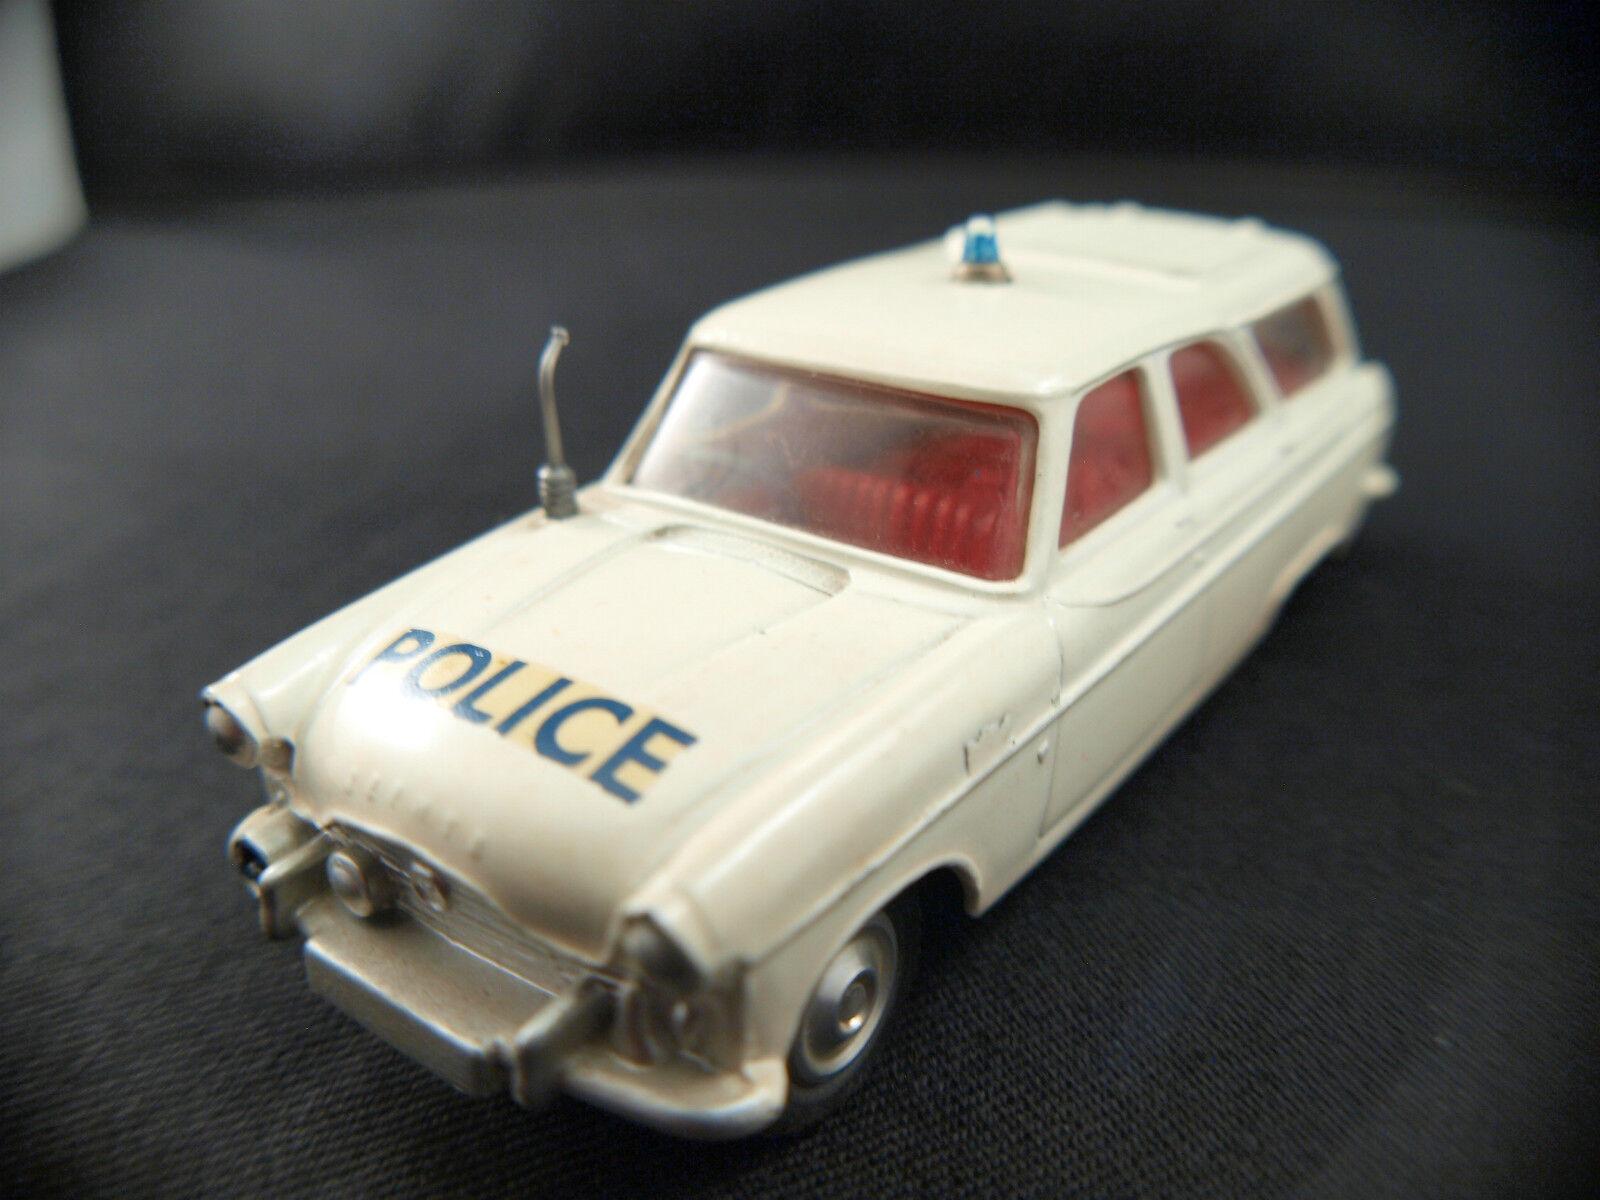 Corgi GB Nr. 419 Ford Zephyr Polizei Car 1 43 De 1960 Peu Fréquente